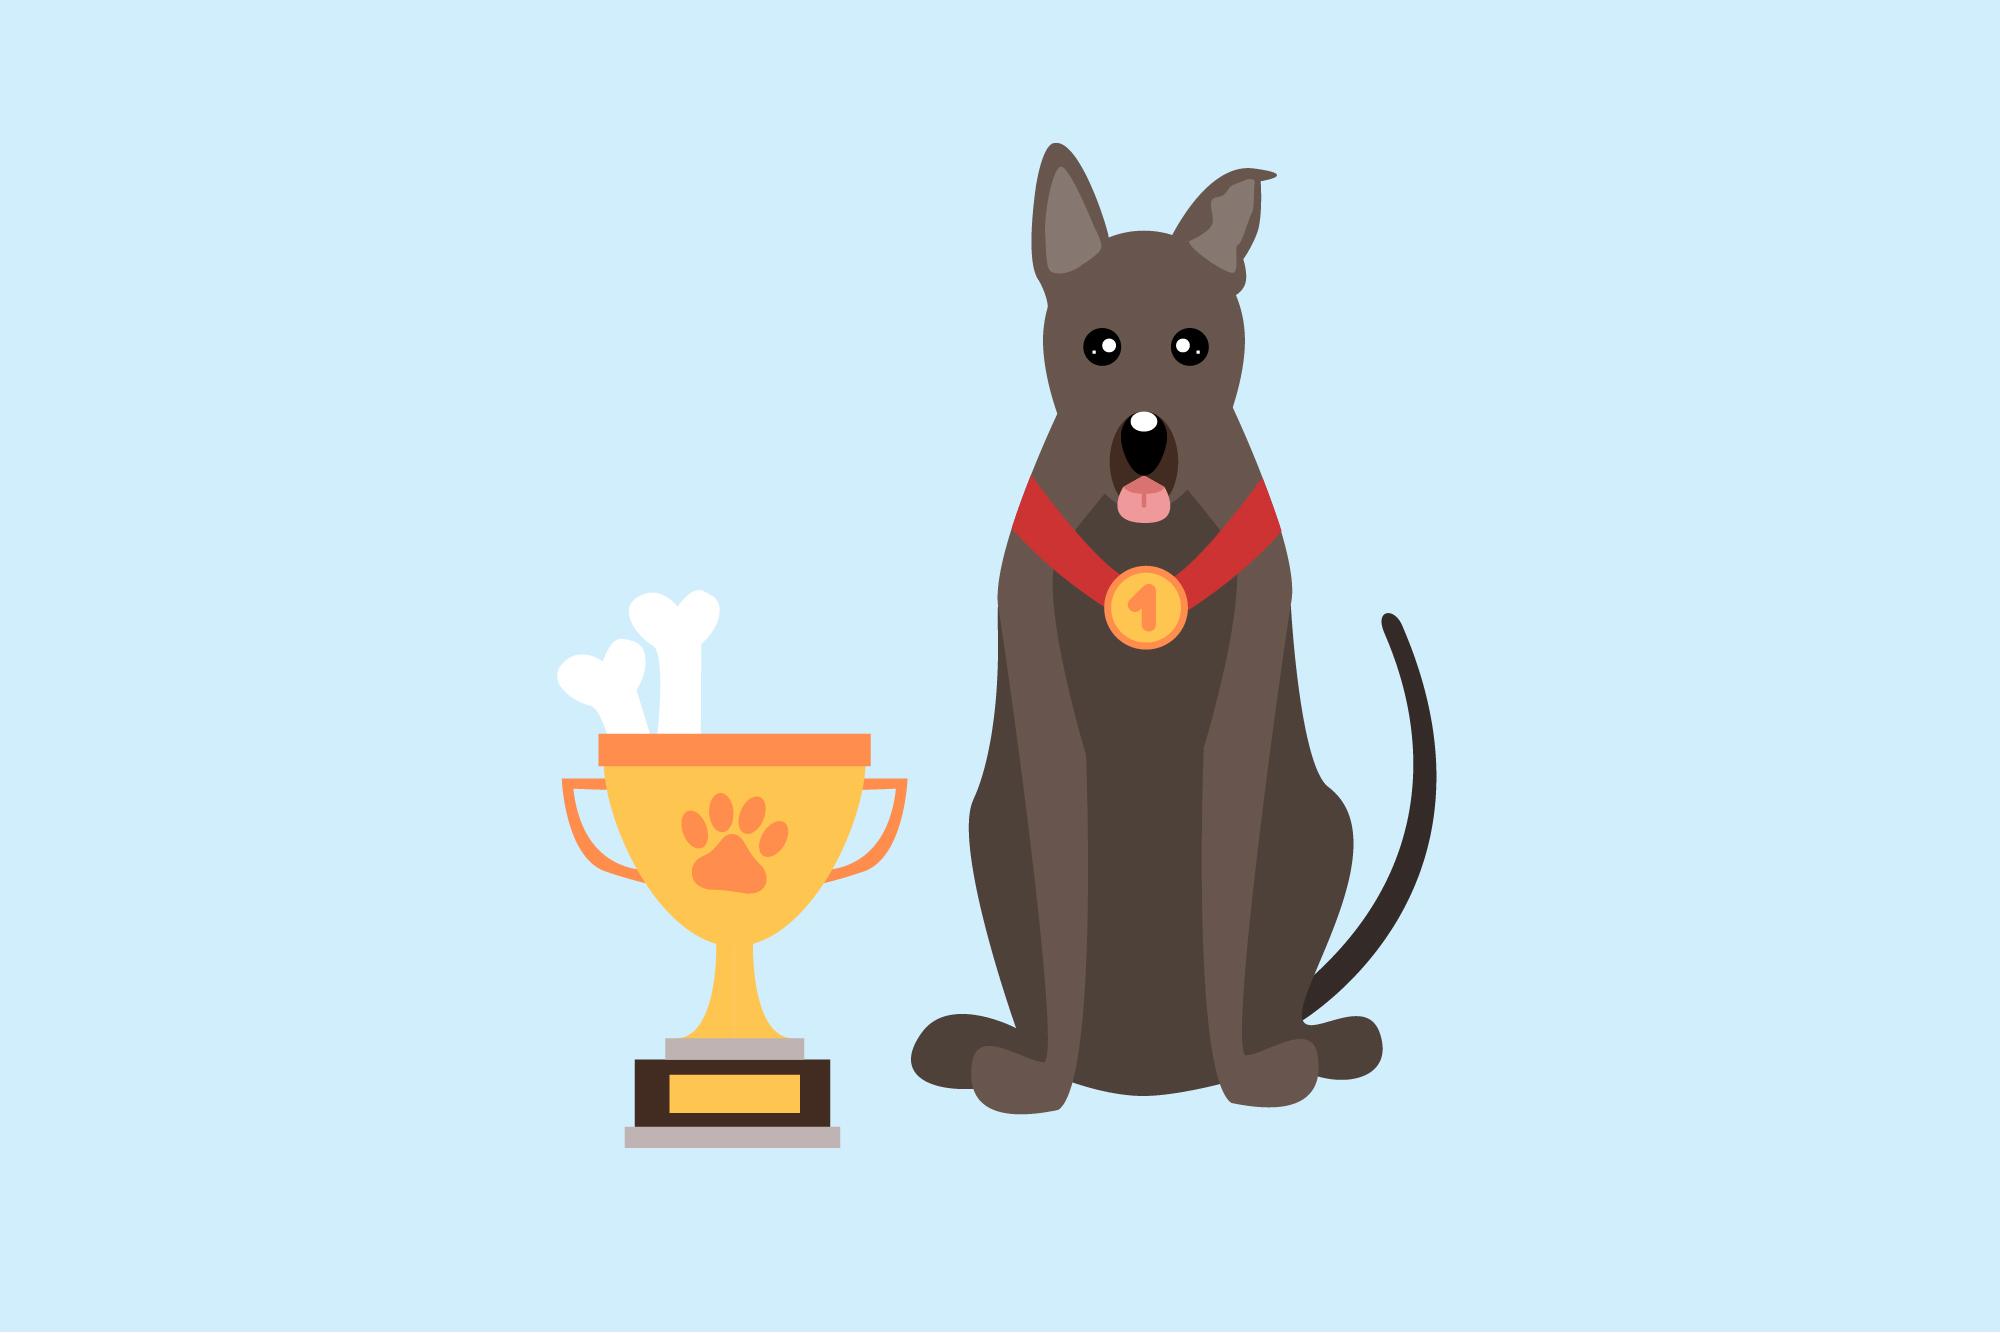 собака победитель пёс